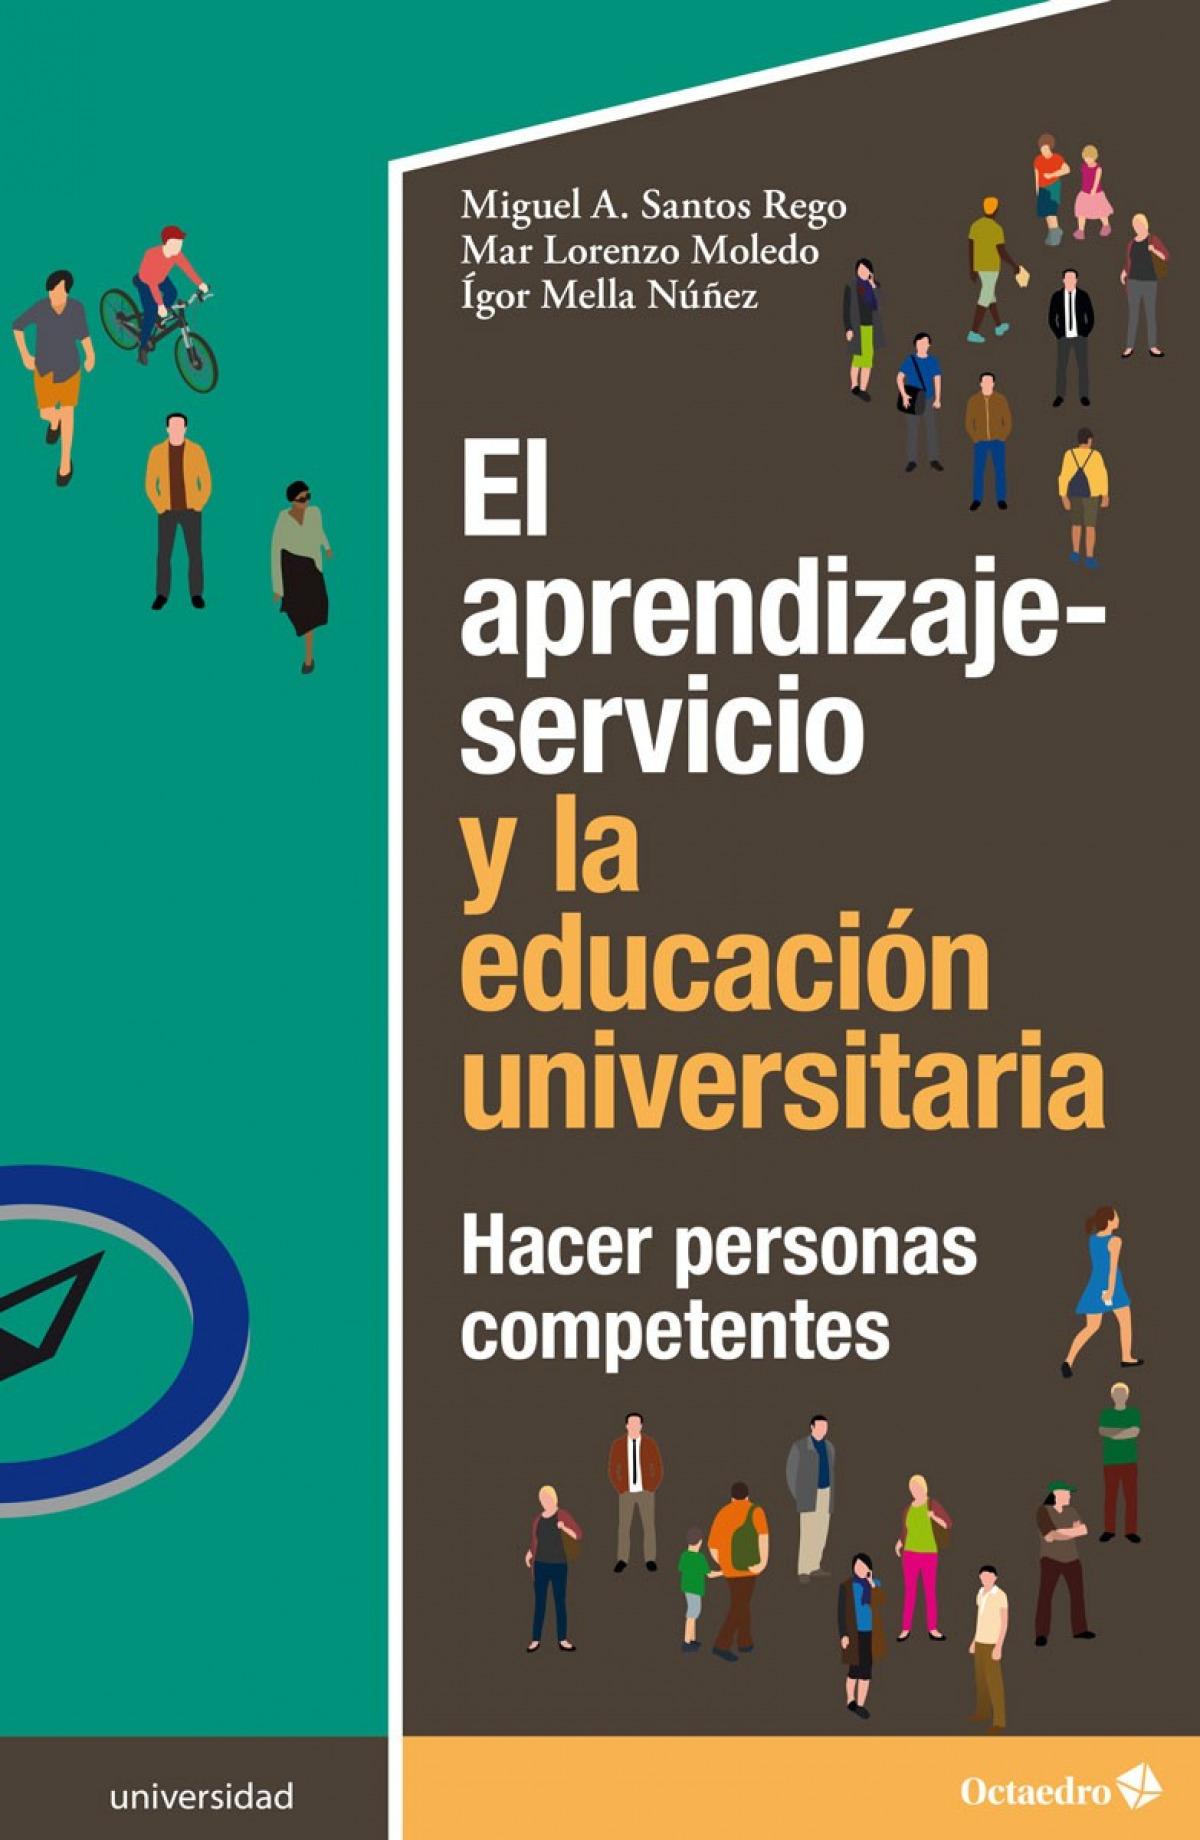 El aprendizaje-servicio y la educación universitaria